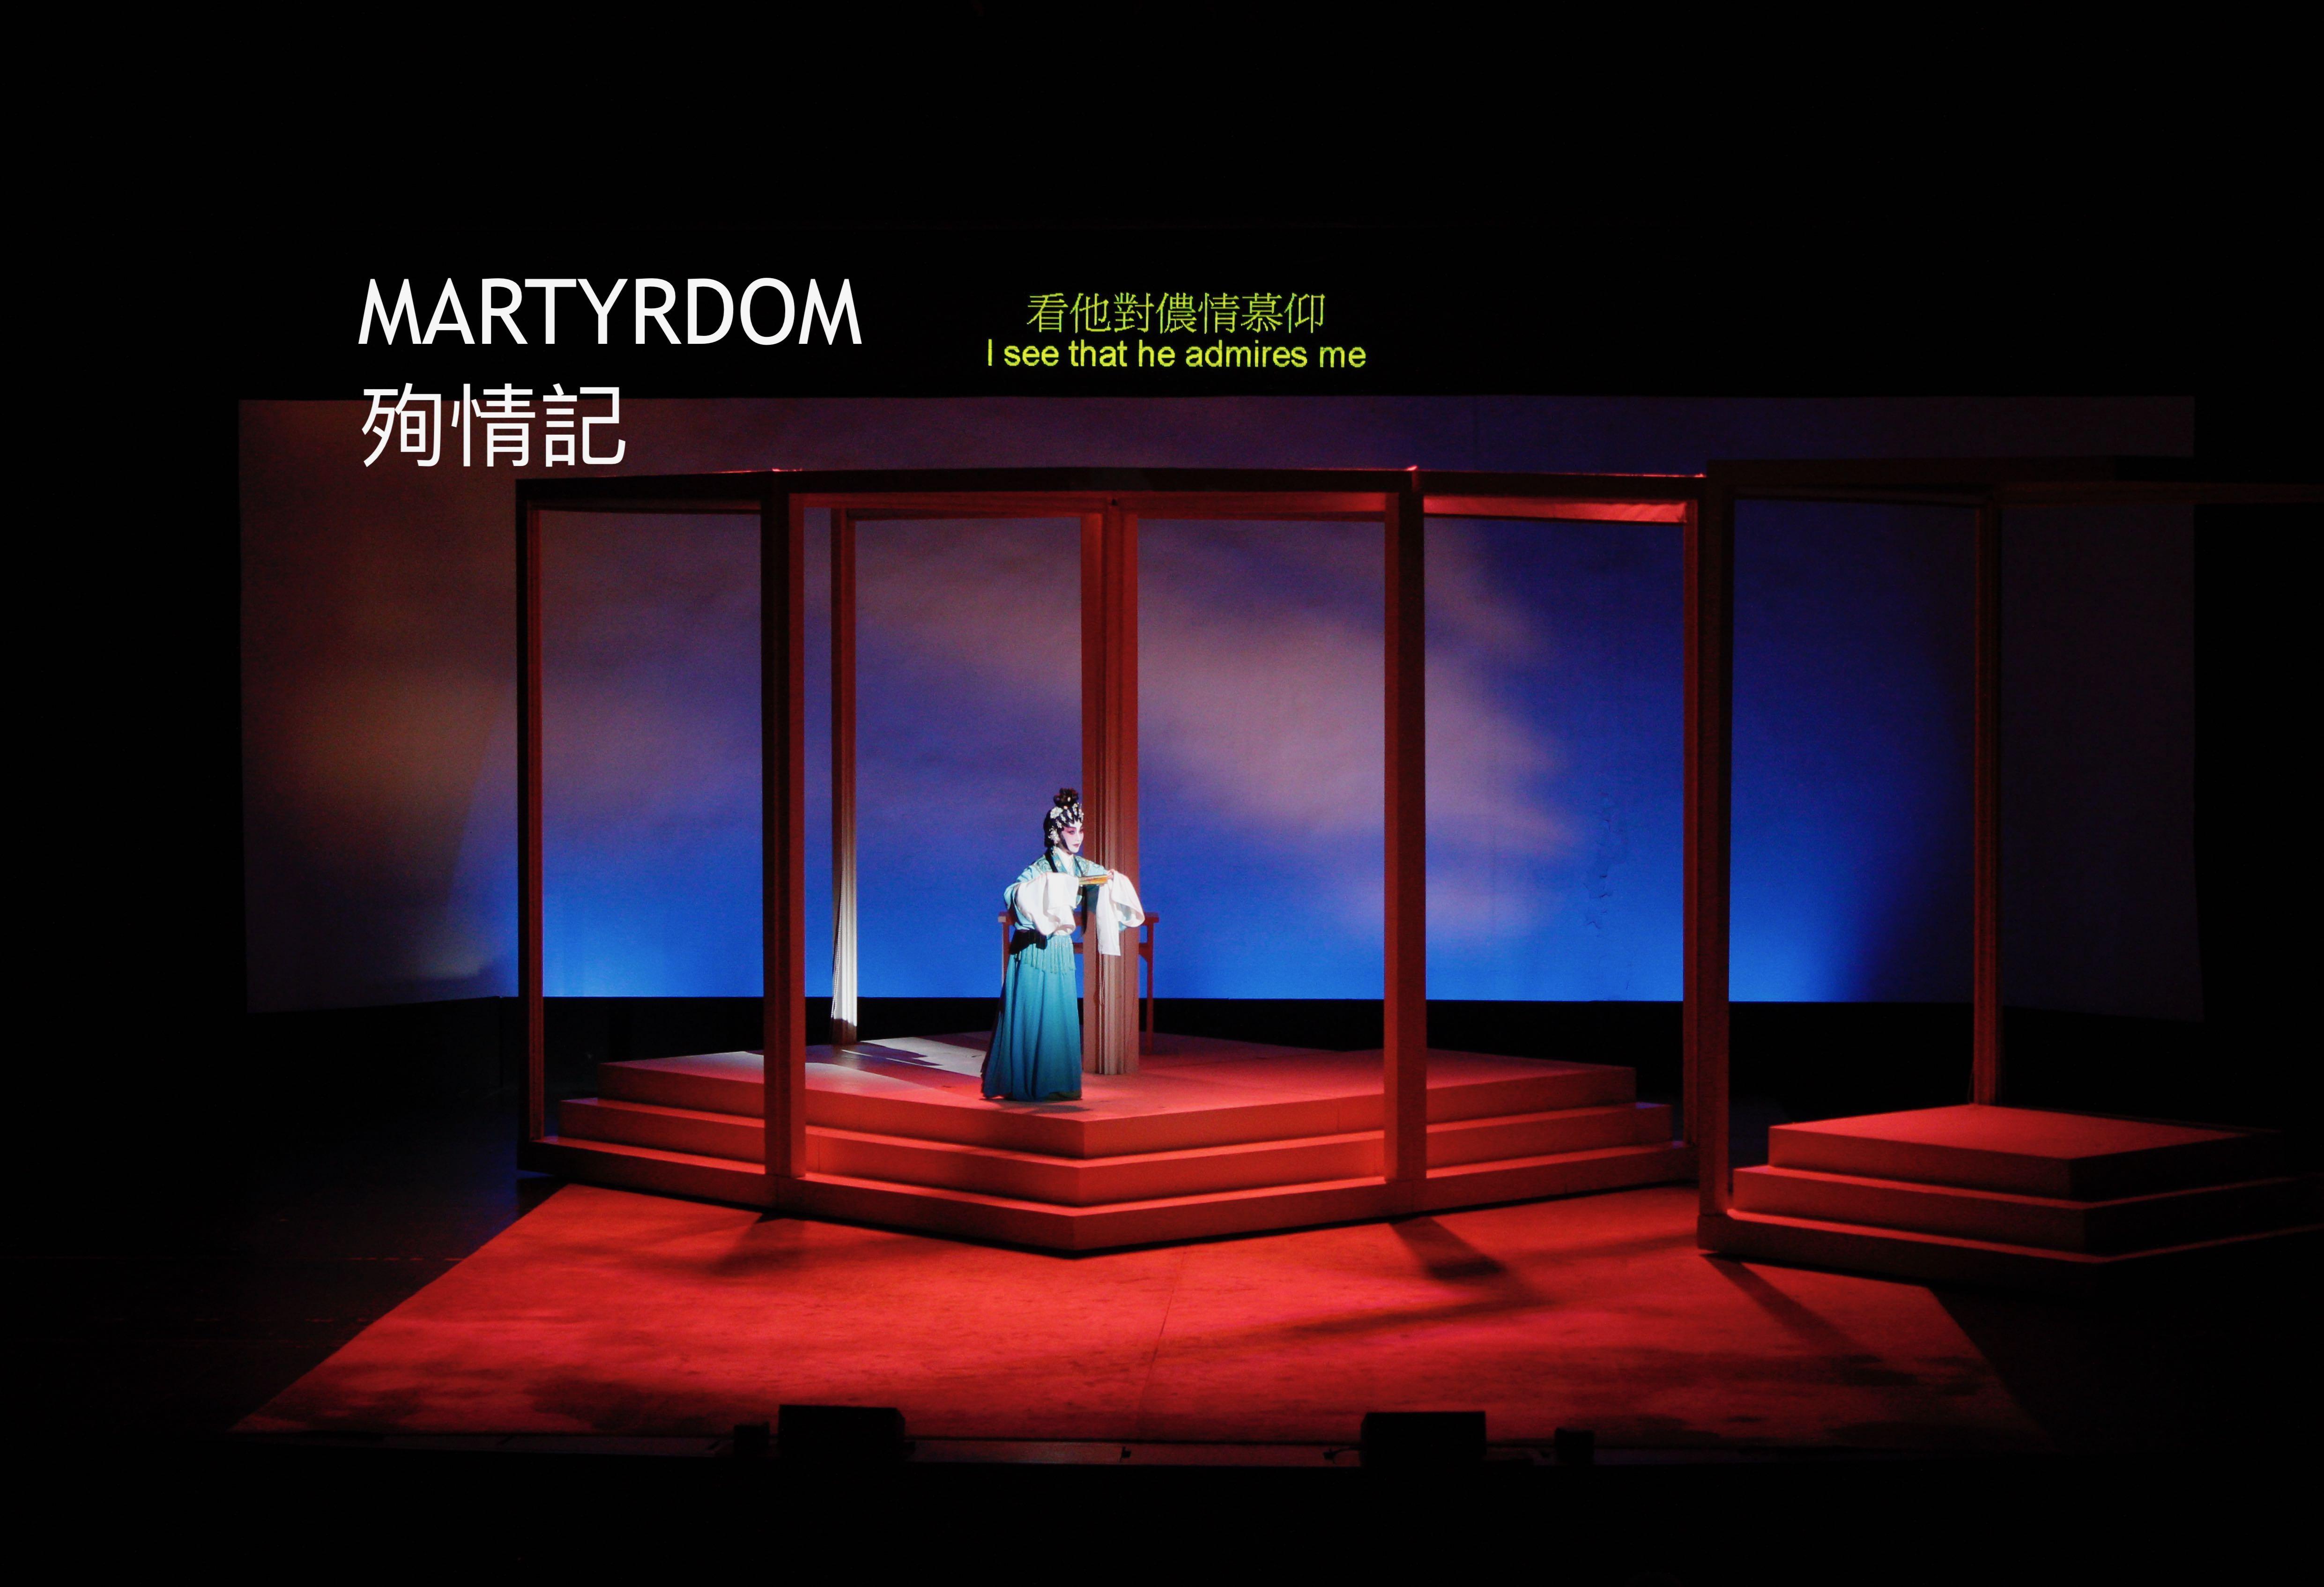 007_Martyrdom_024 copy